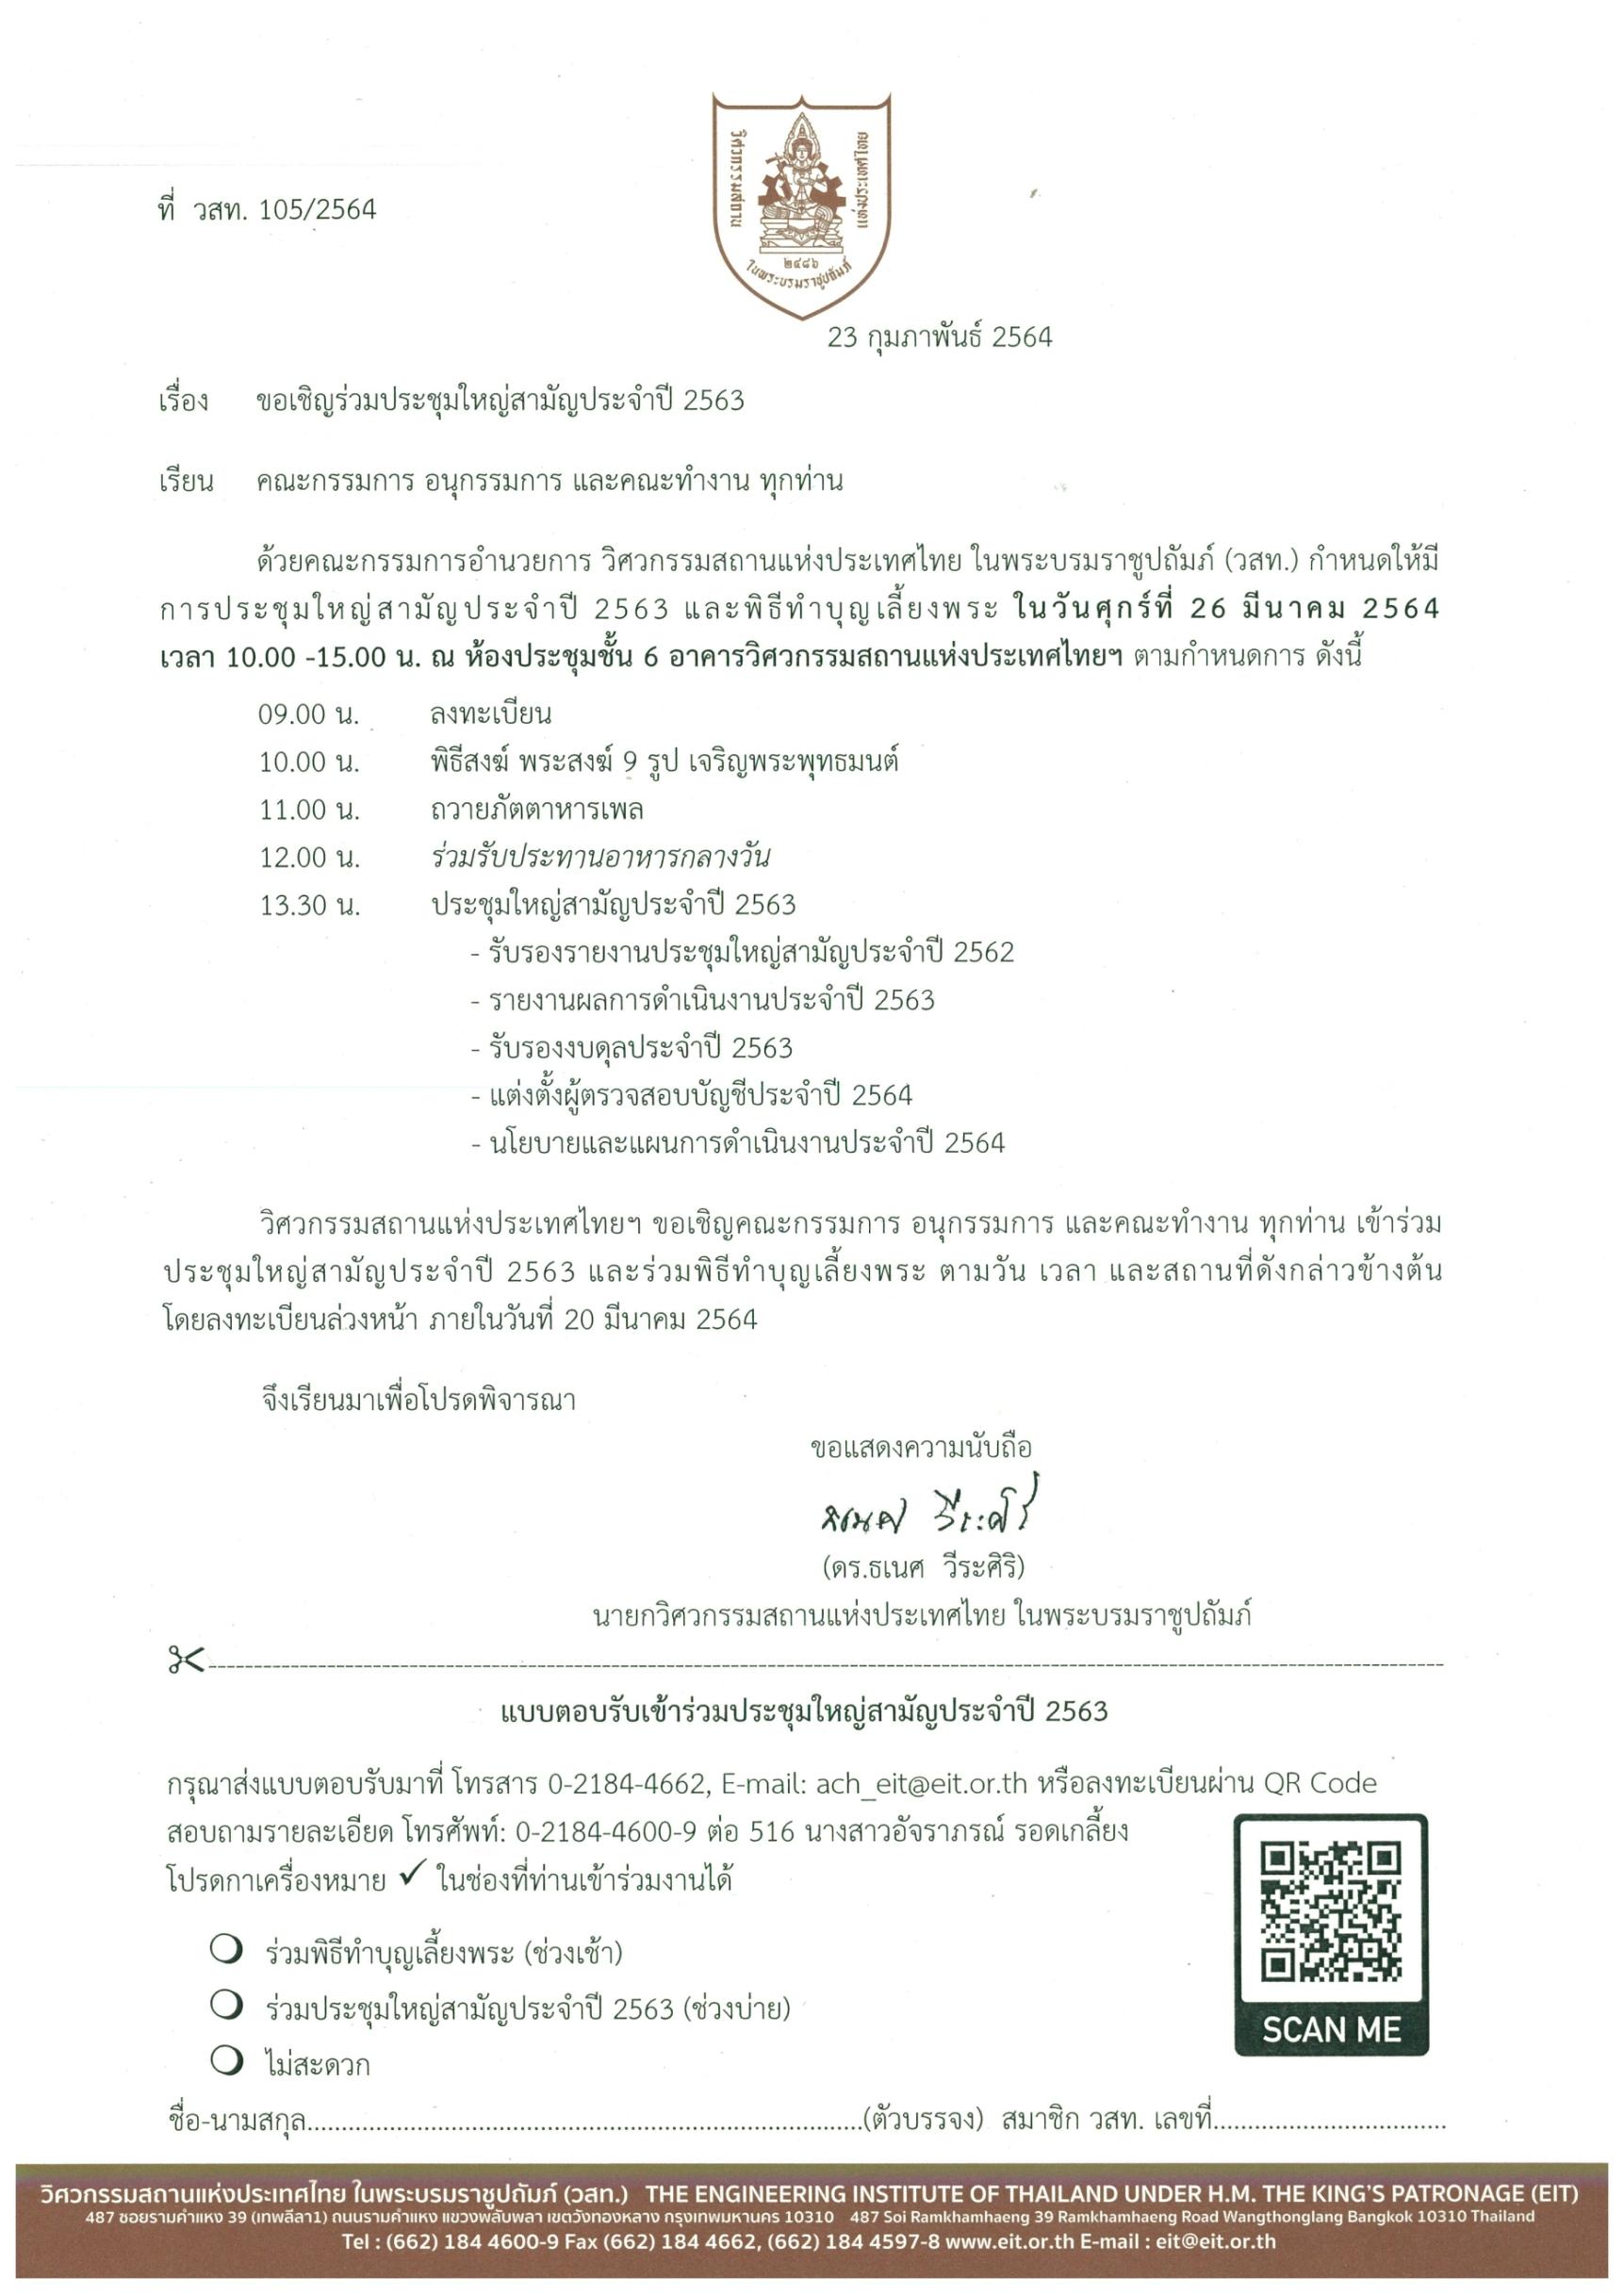 ขอเชิญร่วมประชุมใหญ่สามัญประจำปี 2563  วันศุกร์ที่ 26 มีนาคม 2564 เวลา 10.00 -15.00 น. ณ ห้องประชุมชั้น 6 อาคารวิศวกรรมสถานแห่งประเทศไทยฯ